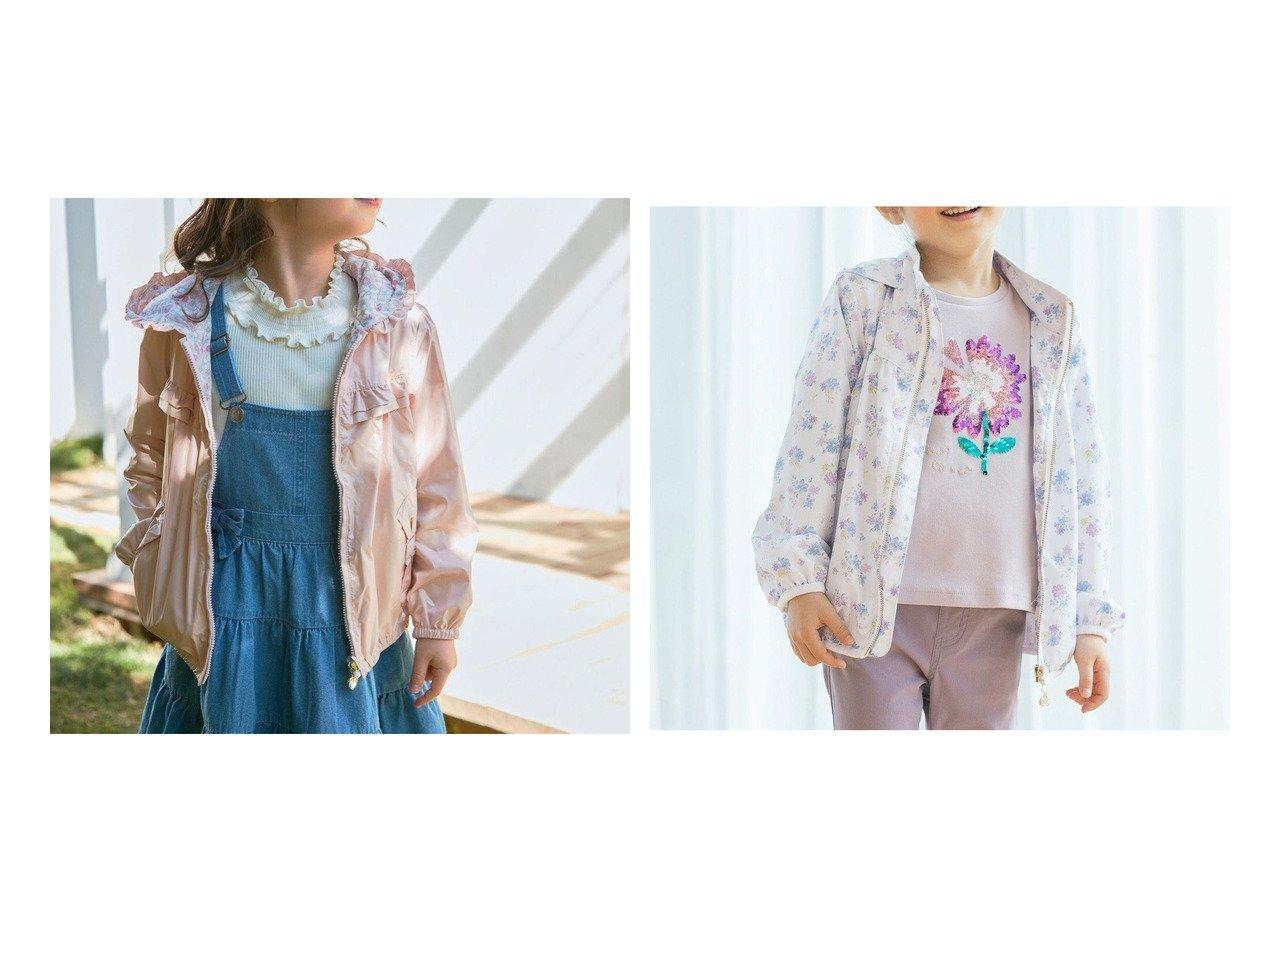 【anyFAM / KIDS/エニファム】のフードがまとめられるリバーシブルゾン&フードがまとめられる ポケッタブル 総柄ブルゾン 【KIDS】子供服のおすすめ!人気トレンド・キッズファッションの通販 おすすめで人気の流行・トレンド、ファッションの通販商品 メンズファッション・キッズファッション・インテリア・家具・レディースファッション・服の通販 founy(ファニー) https://founy.com/ ファッション Fashion キッズファッション KIDS アウター Coat Outerwear /Kids ジャケット チェリー ネコ 人気 ブルゾン ポケット メッシュ モチーフ 再入荷 Restock/Back in Stock/Re Arrival 送料無料 Free Shipping |ID:crp329100000030742